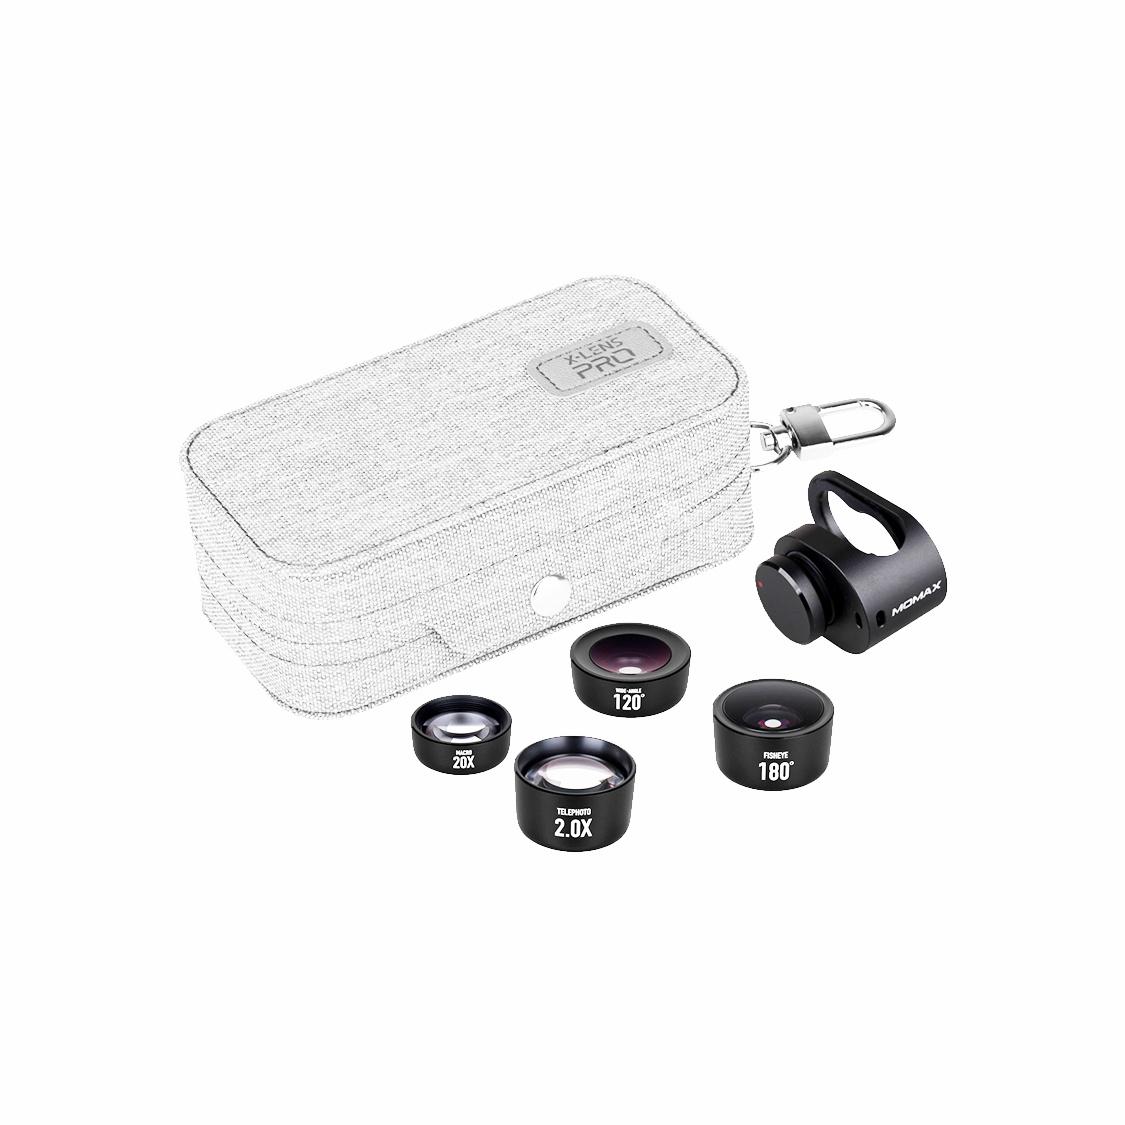 Фото - Объектив накладной Momax X-LENS PRO 4 IN 1 Premium Lens Kit, 4894222049154, черный линза